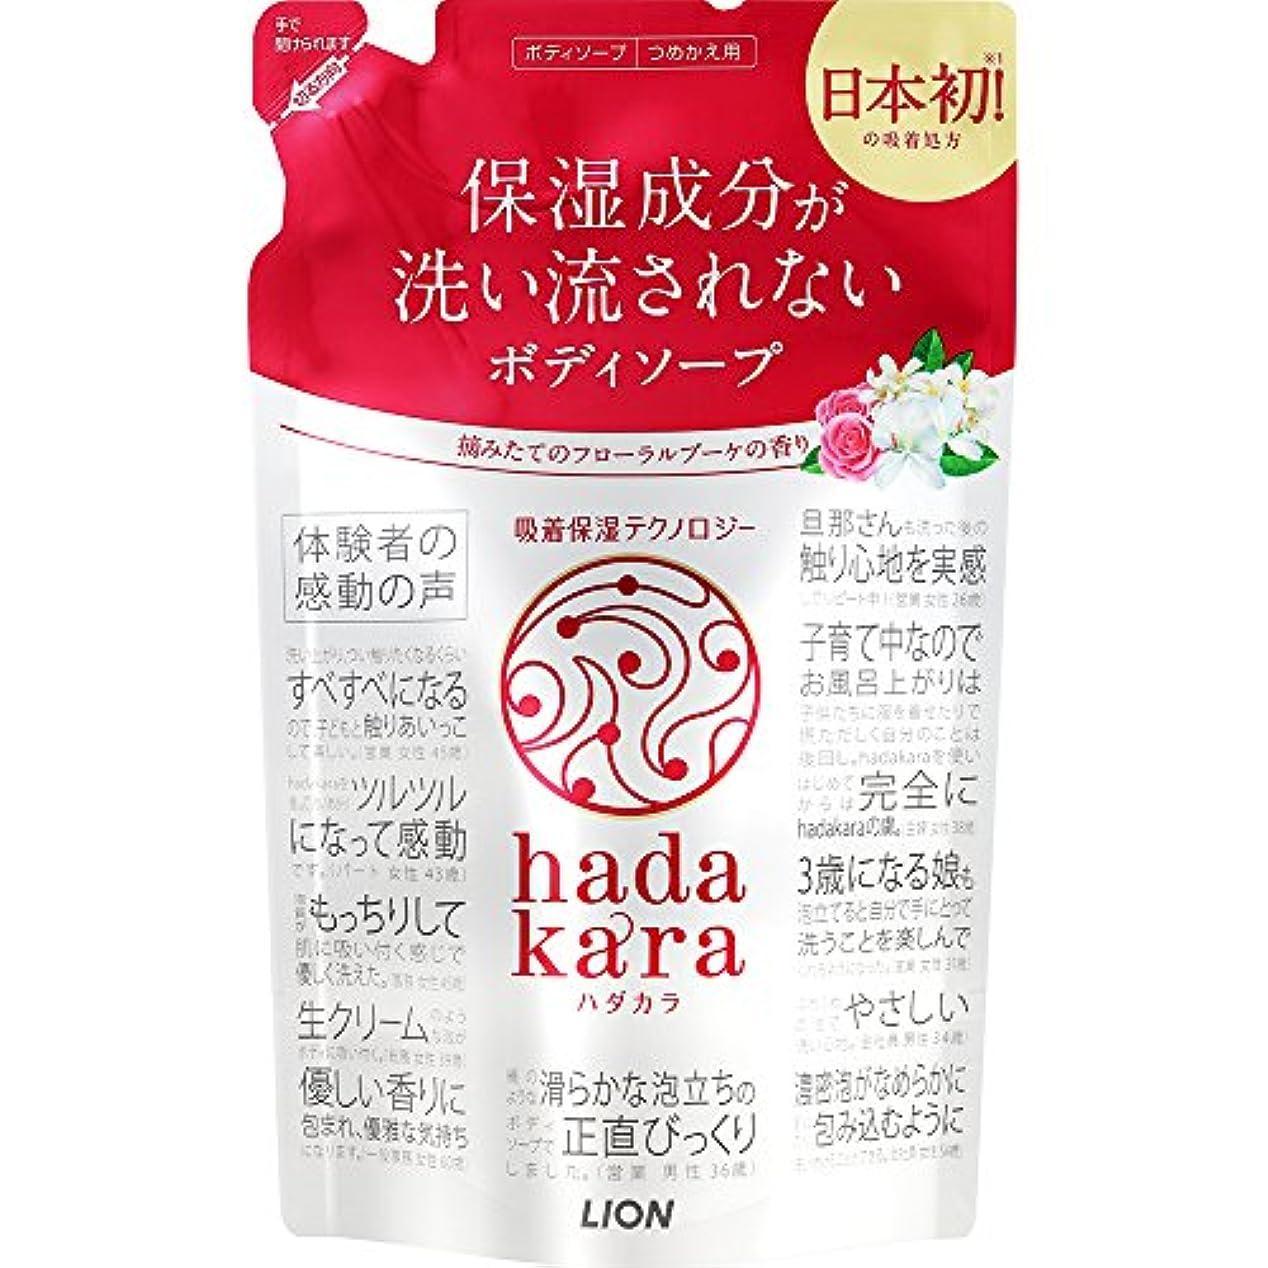 精神医学公使館背骨hadakara(ハダカラ) ボディソープ フローラルブーケの香り 詰め替え 360ml